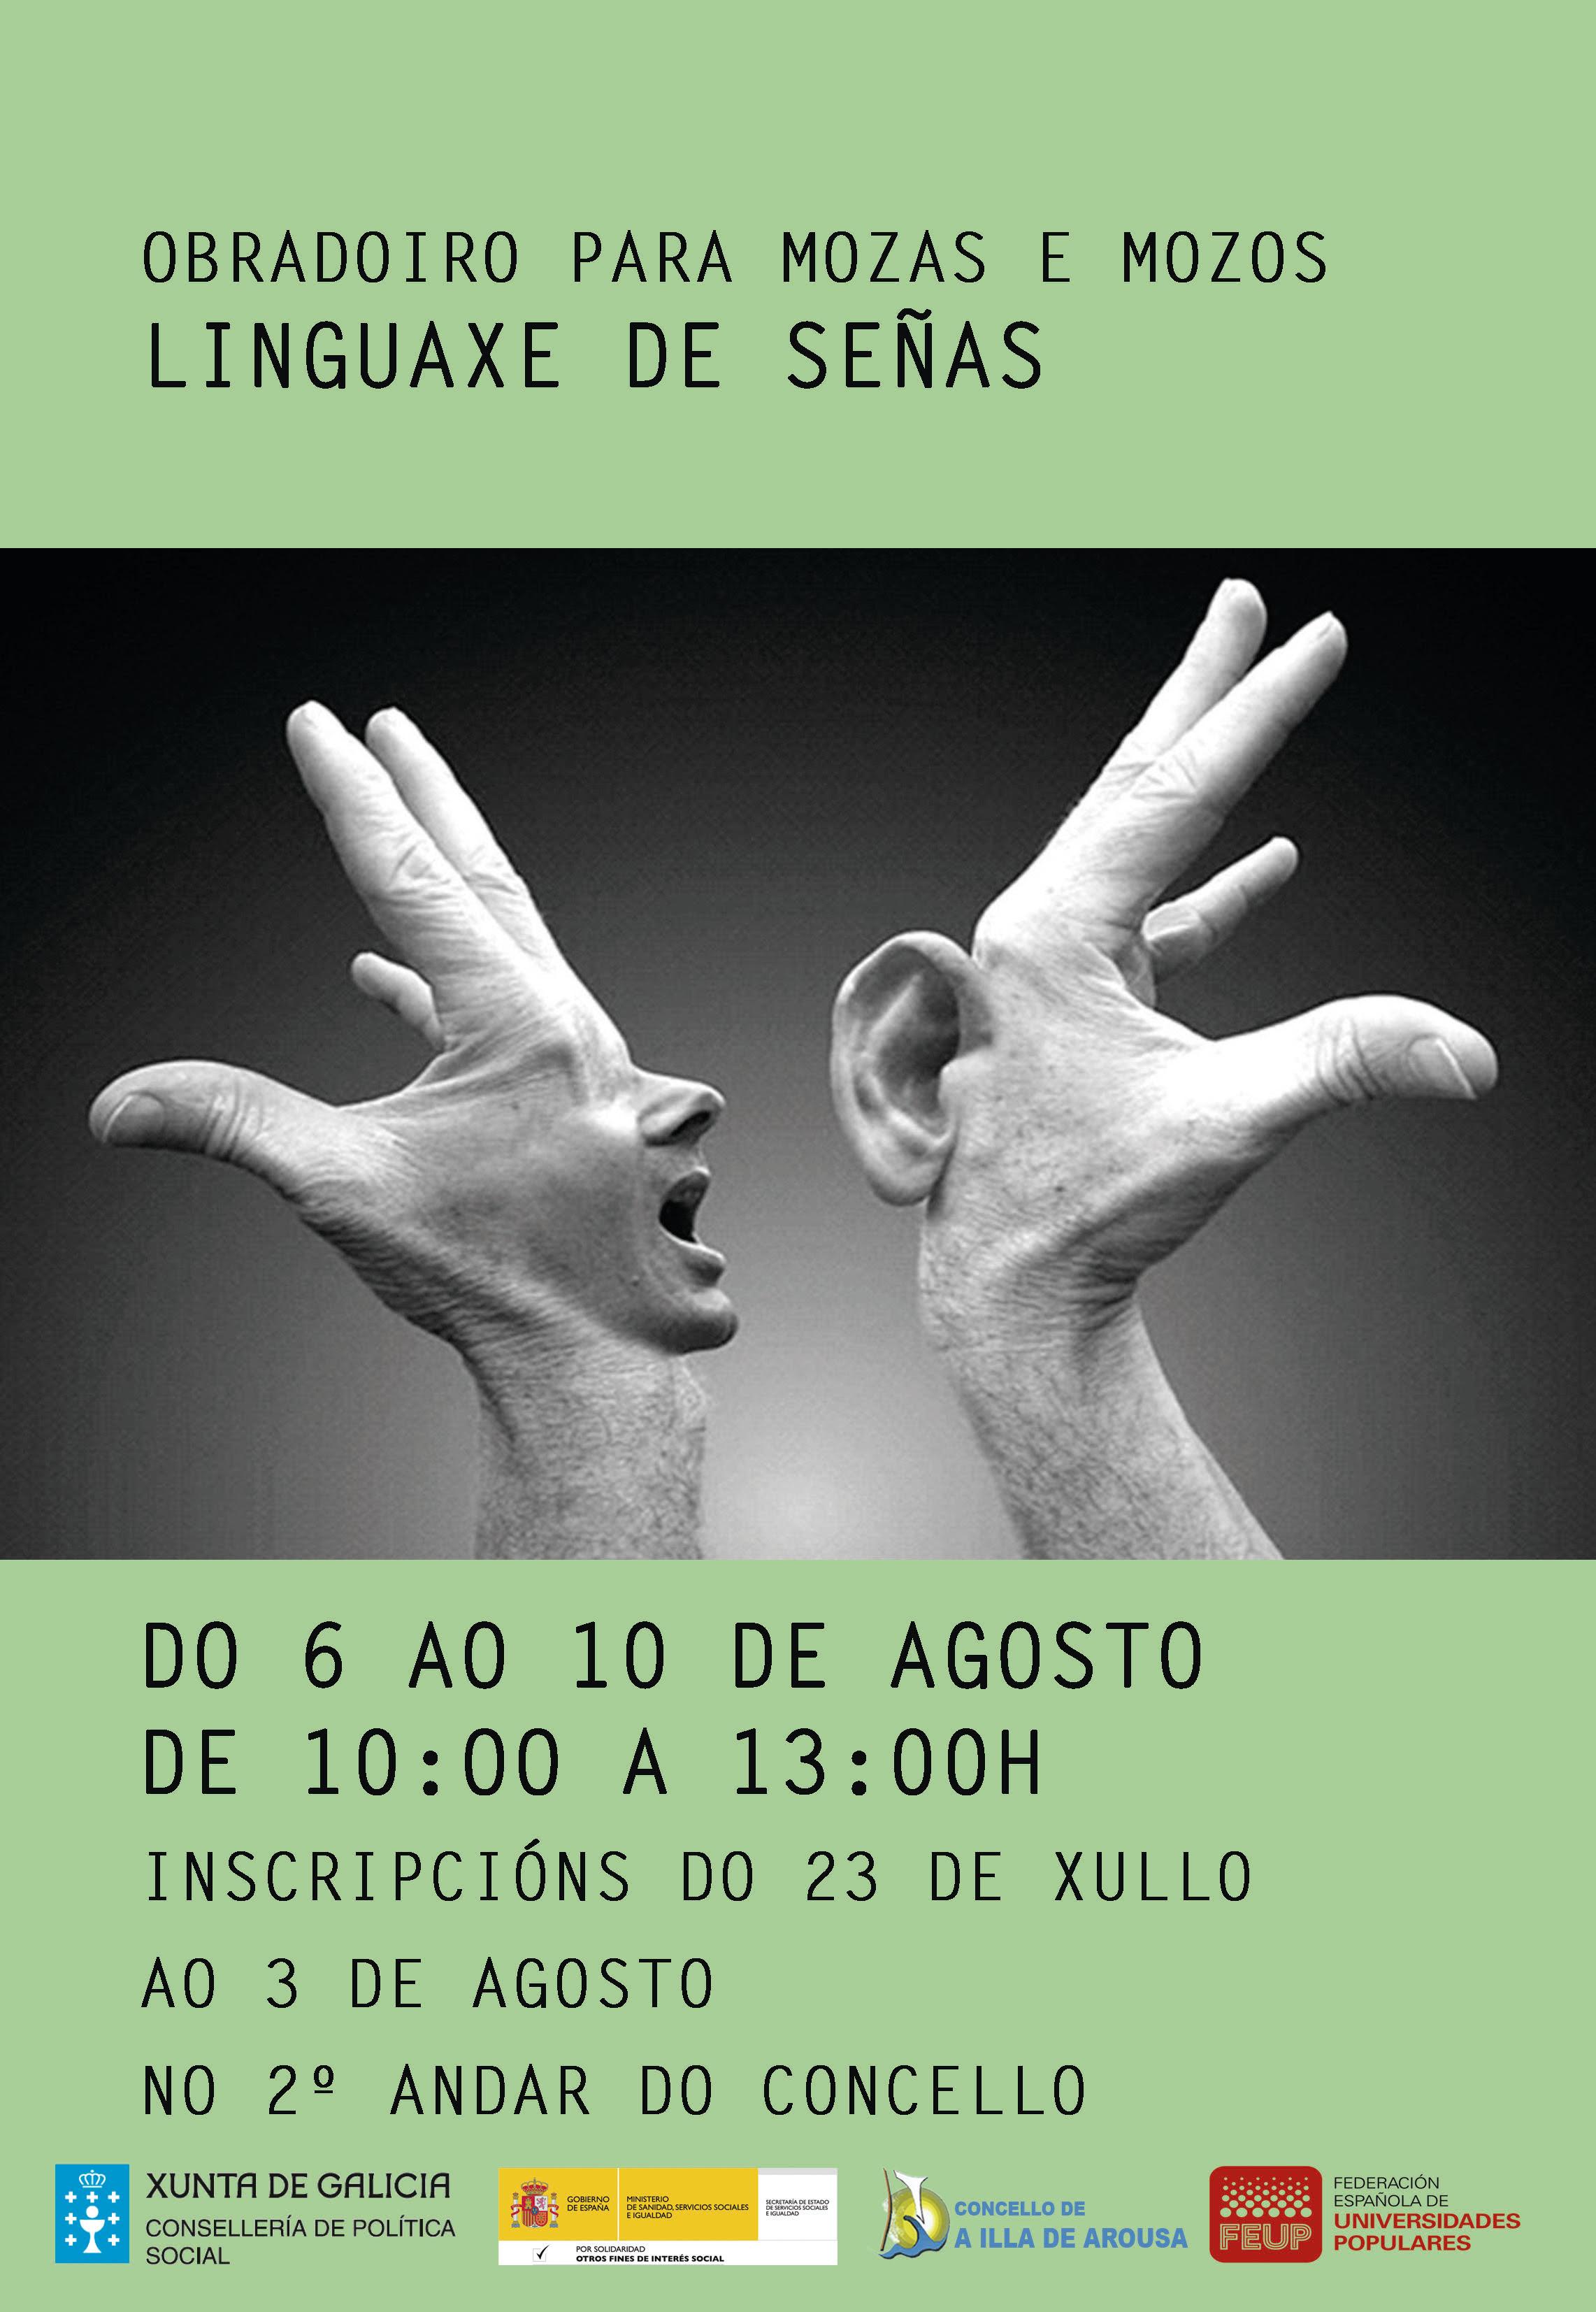 OBRADOIRO LINGUAXE DE SEÑAS